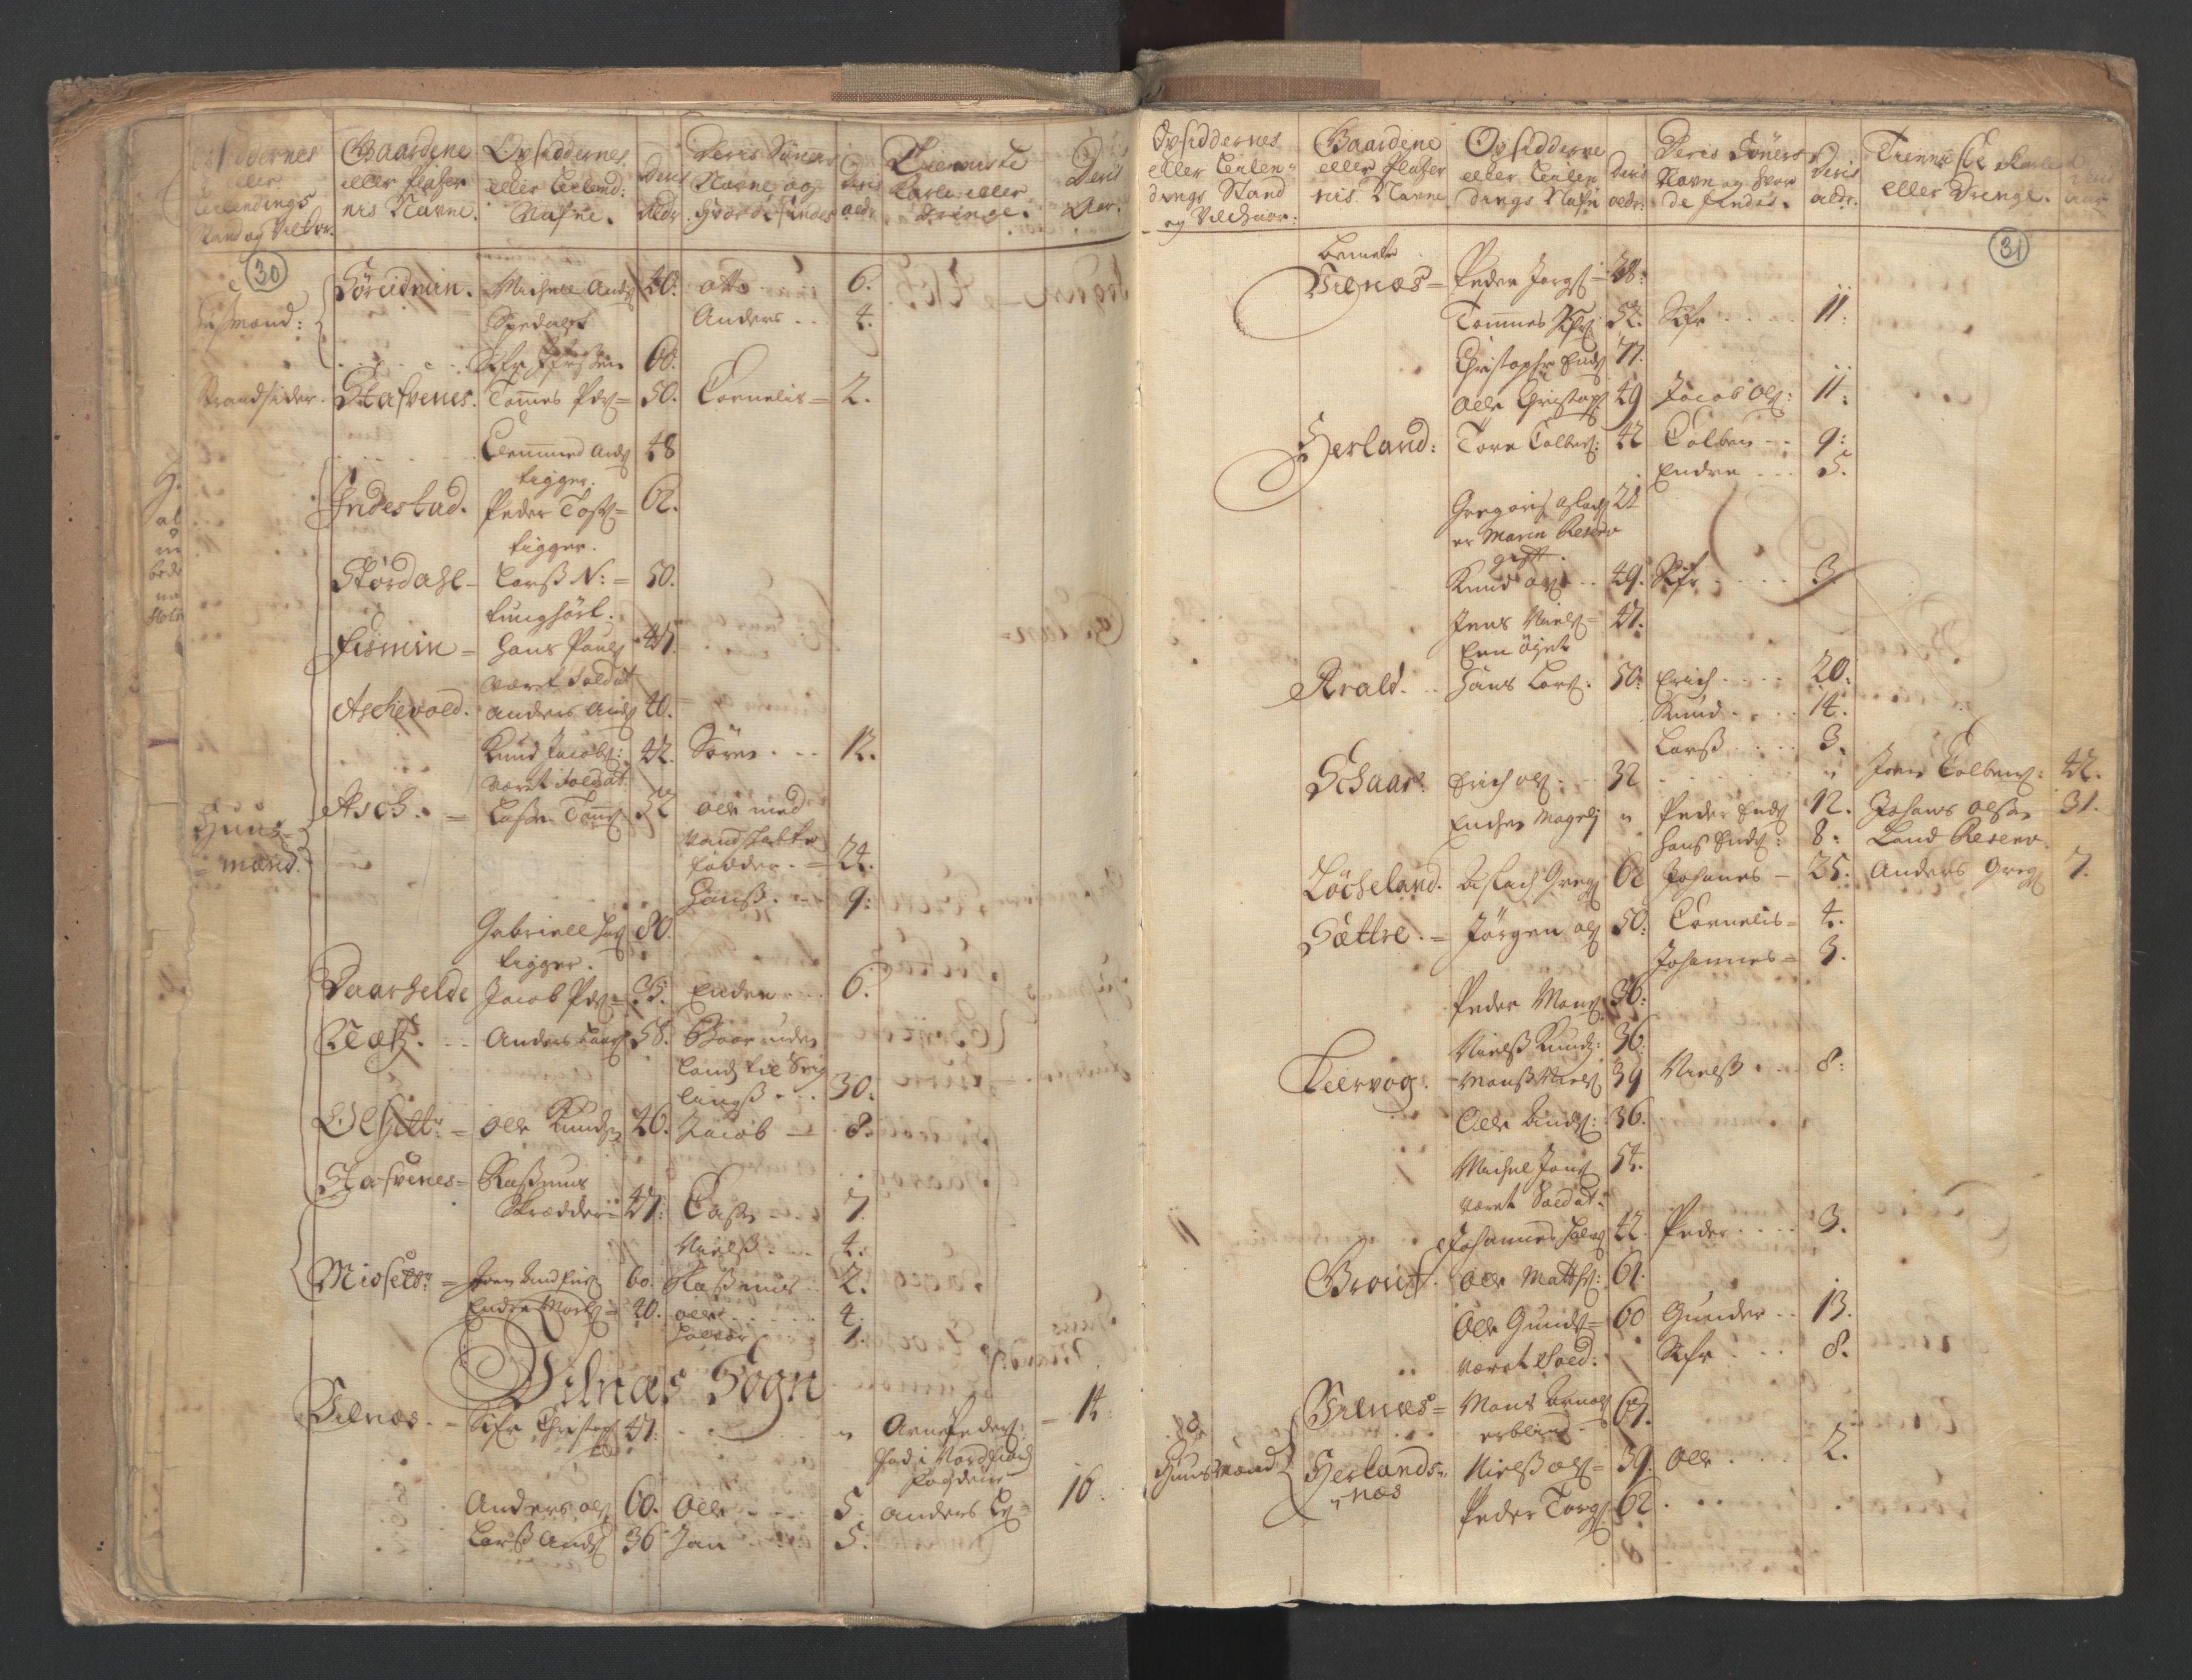 RA, Manntallet 1701, nr. 9: Sunnfjord fogderi, Nordfjord fogderi og Svanø birk, 1701, s. 30-31